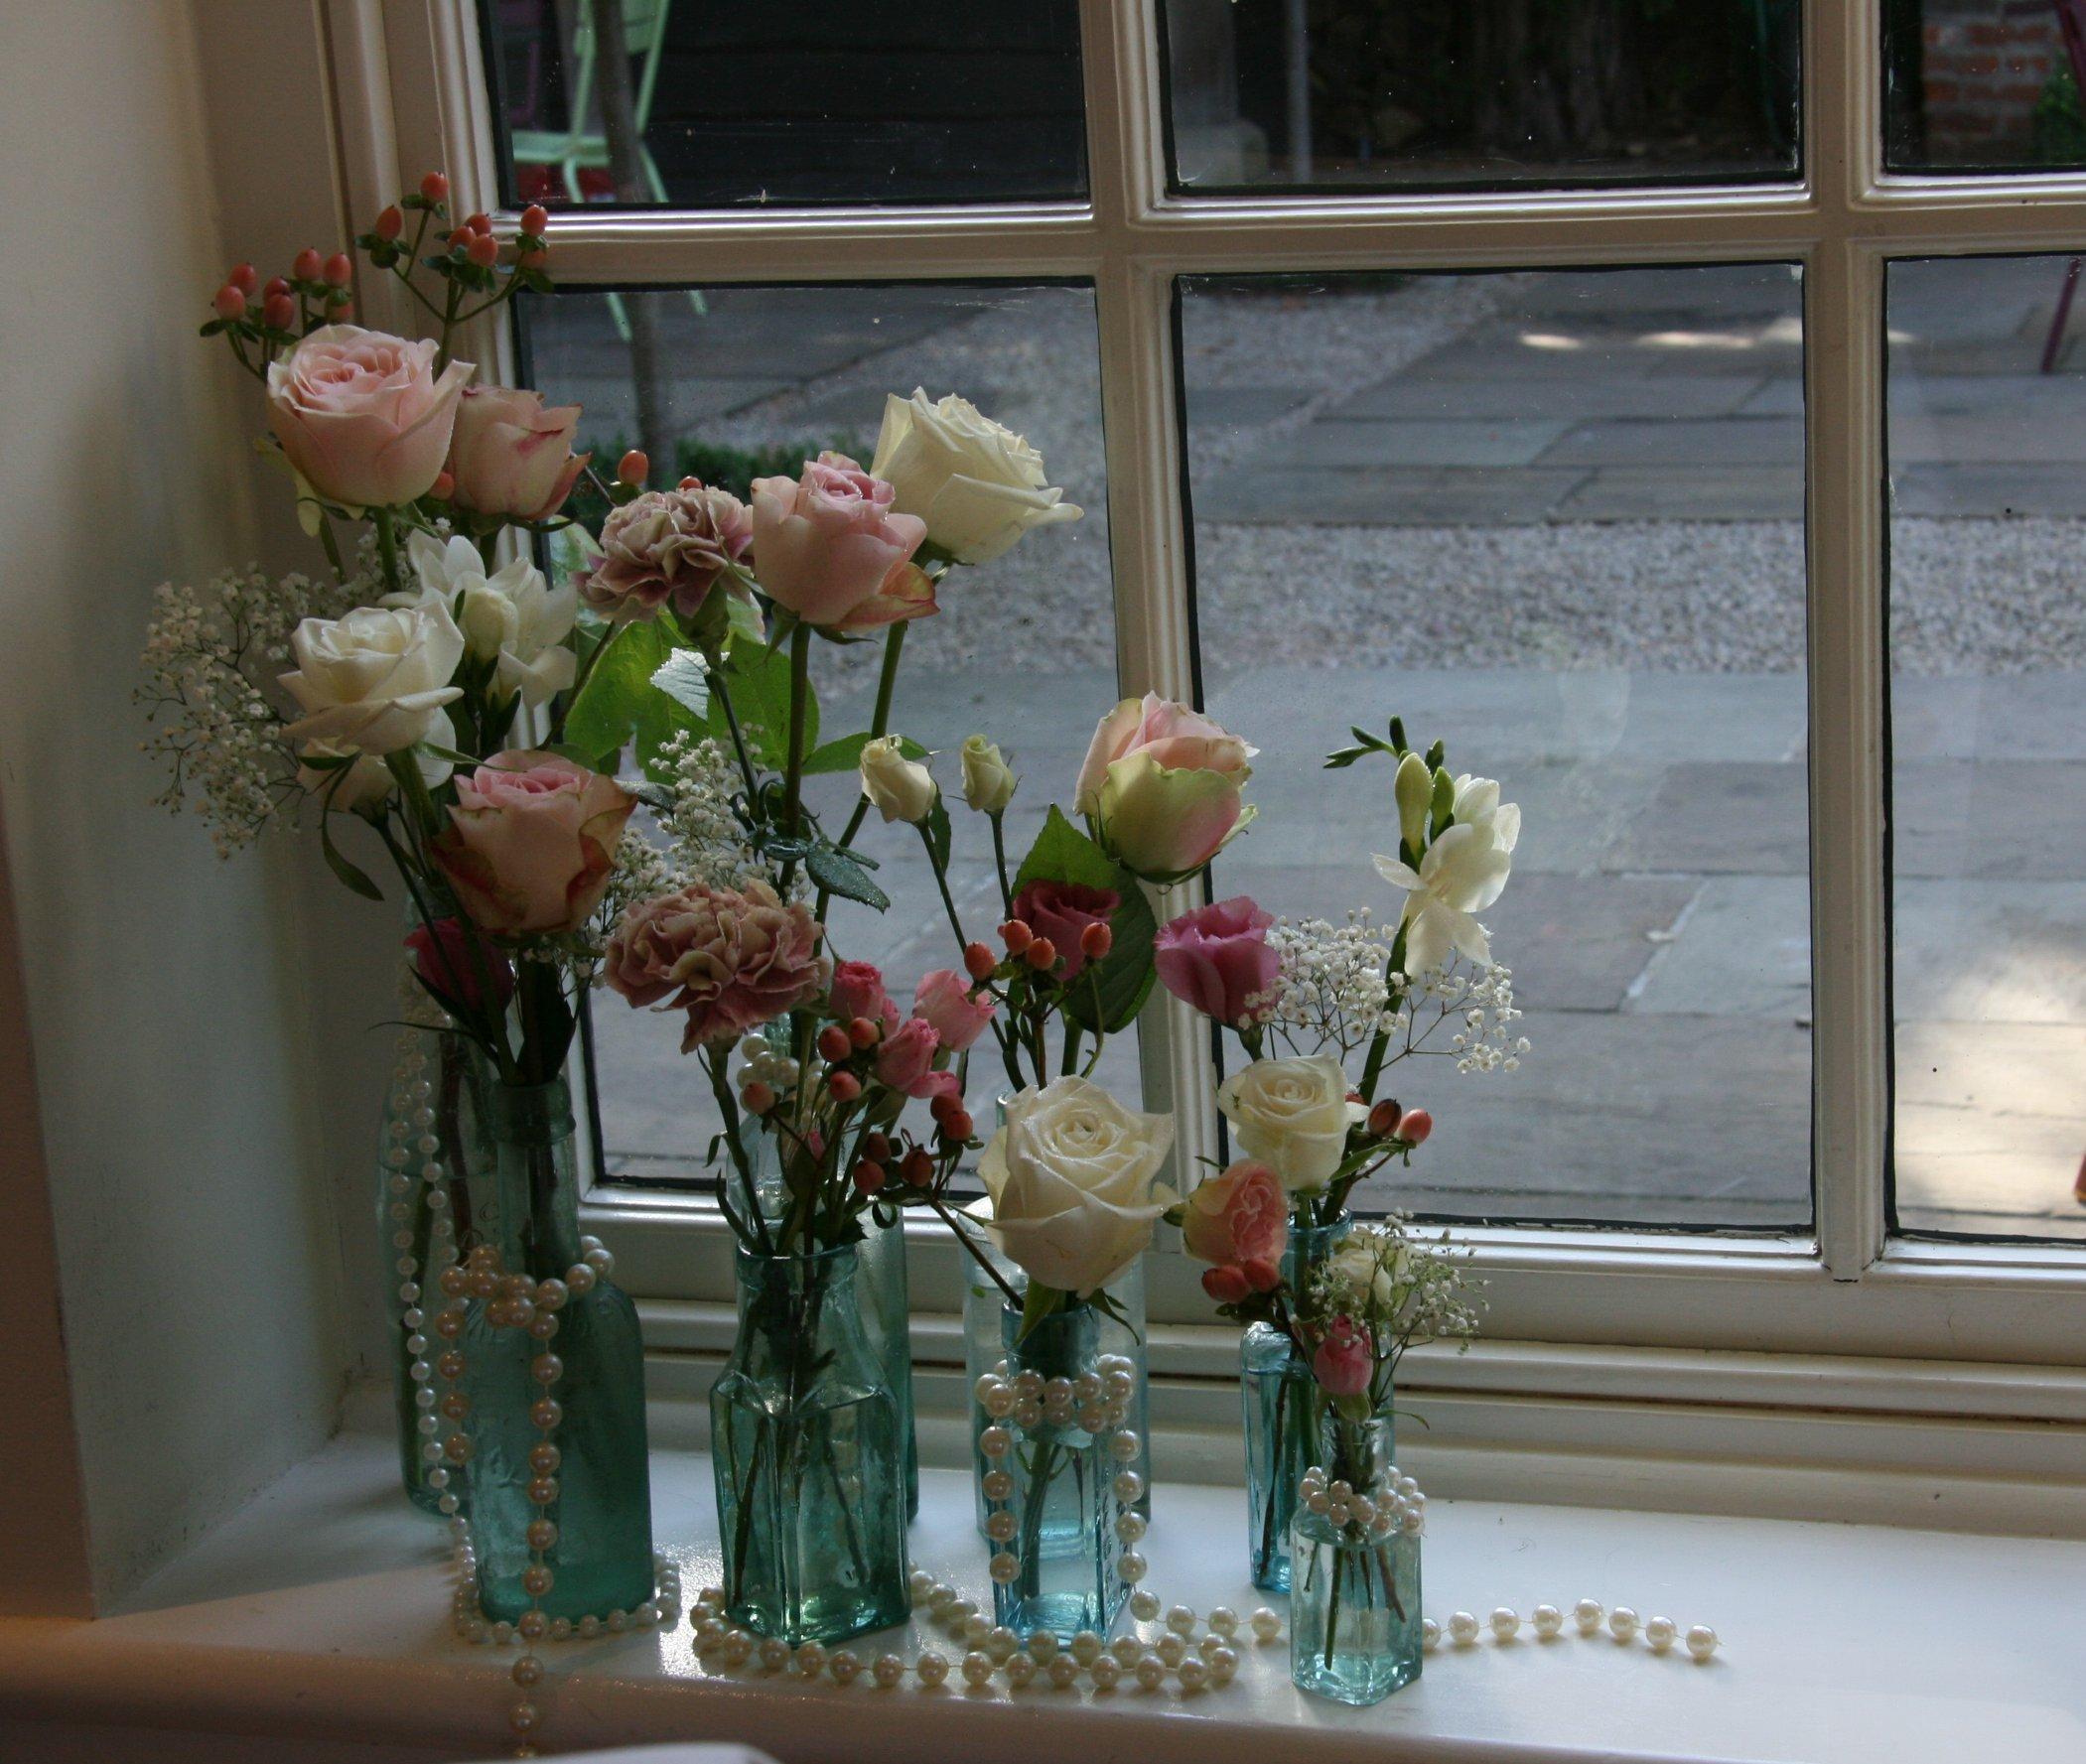 Vintage Wedding flowers, The Old Bridge, Huntingdon